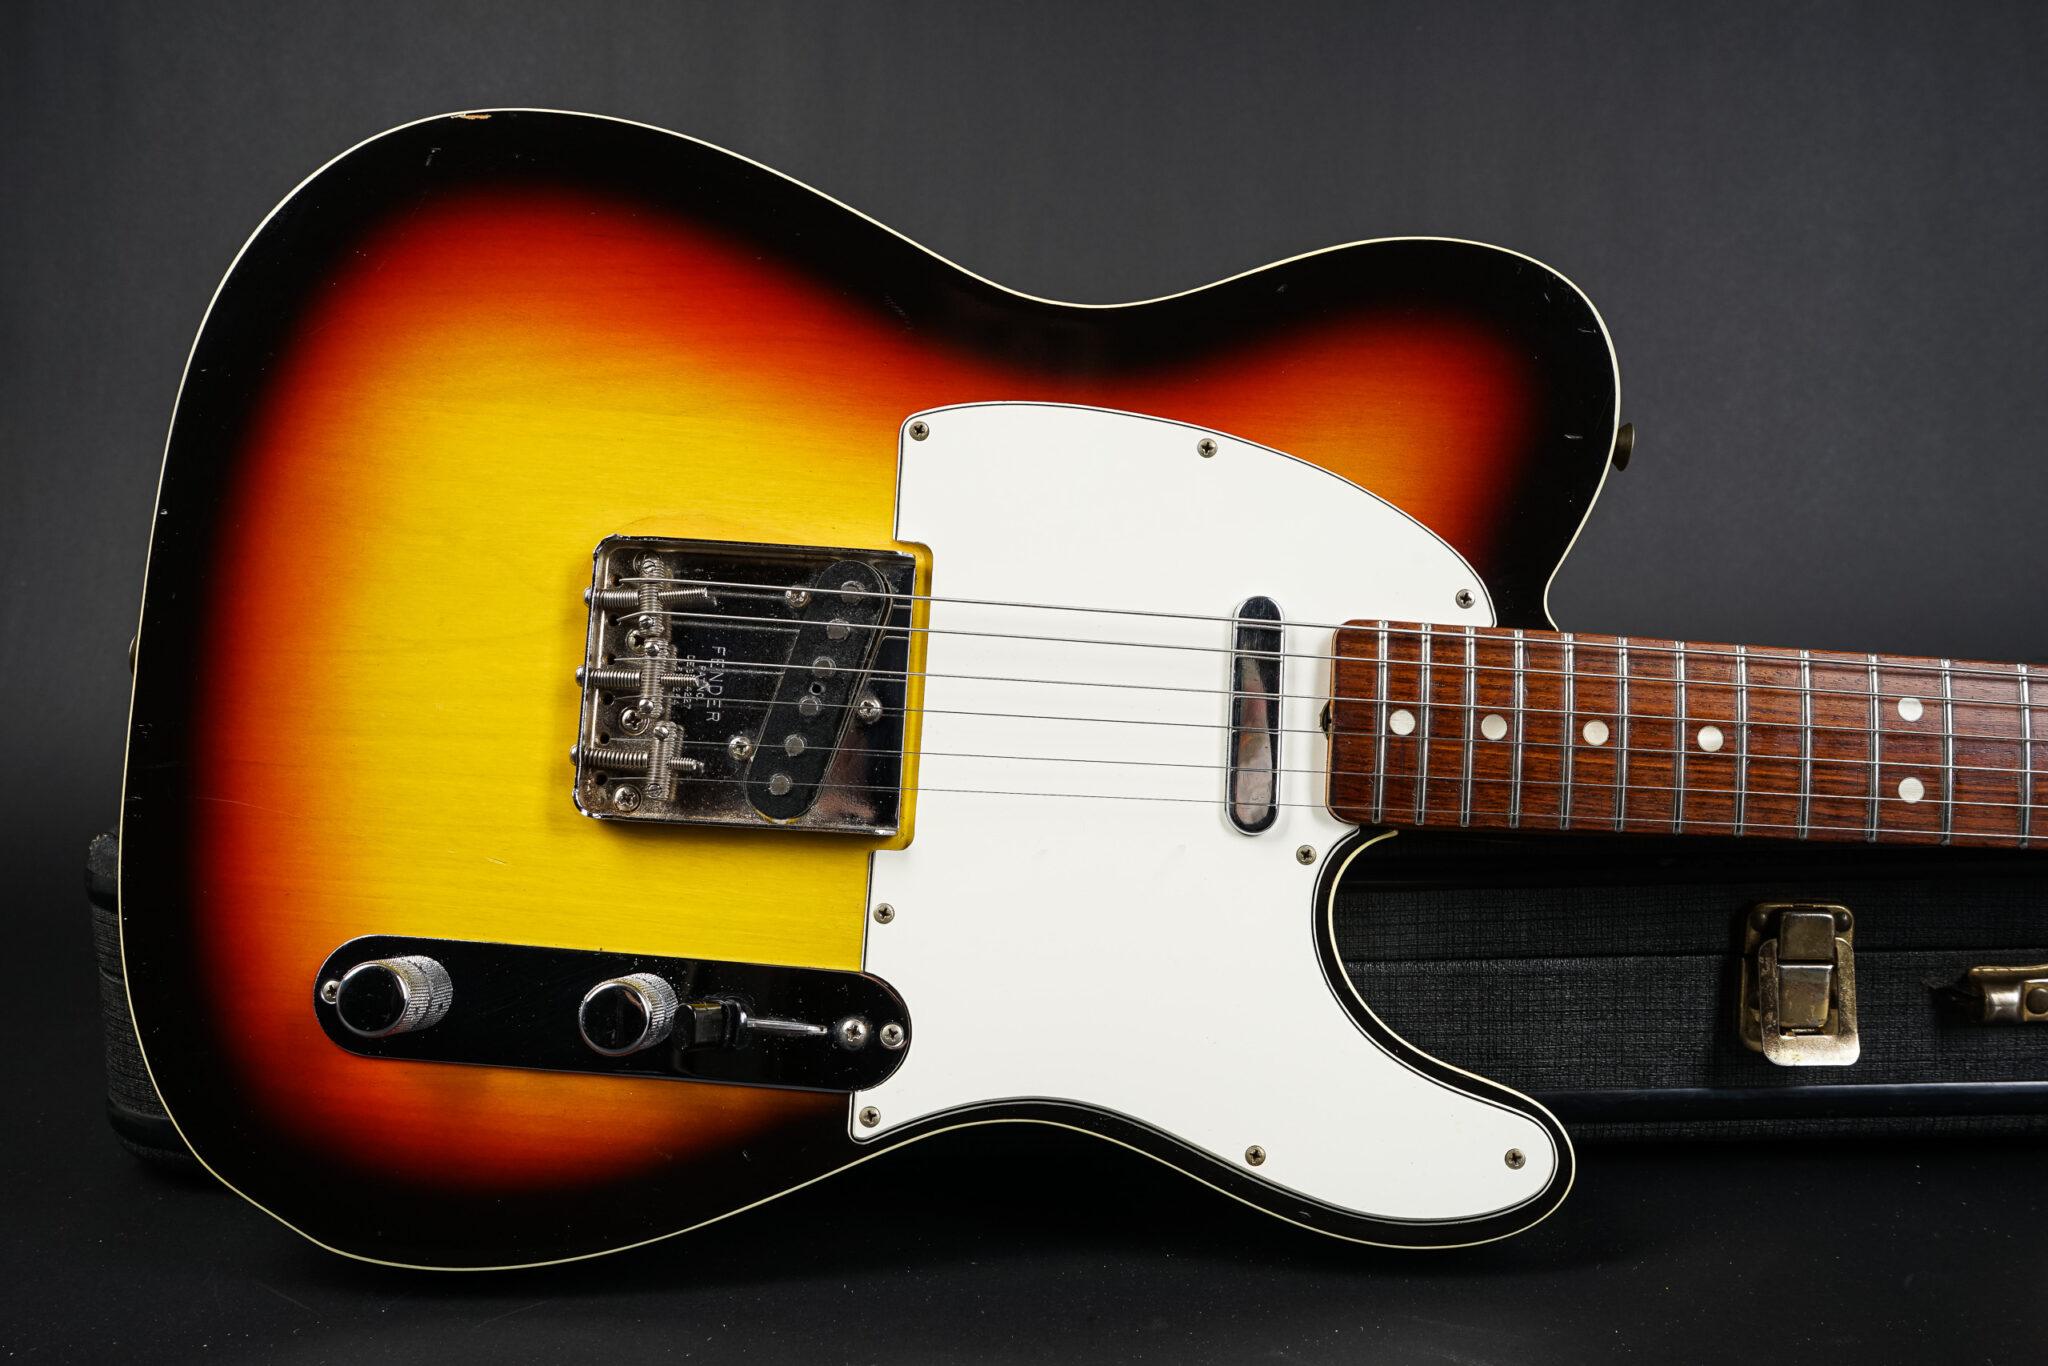 https://guitarpoint.de/app/uploads/products/1967-fender-custom-telecaster-sunburst/1967-Fender-Custom-Telecaster-Sunburst-188317-7-2048x1366.jpg